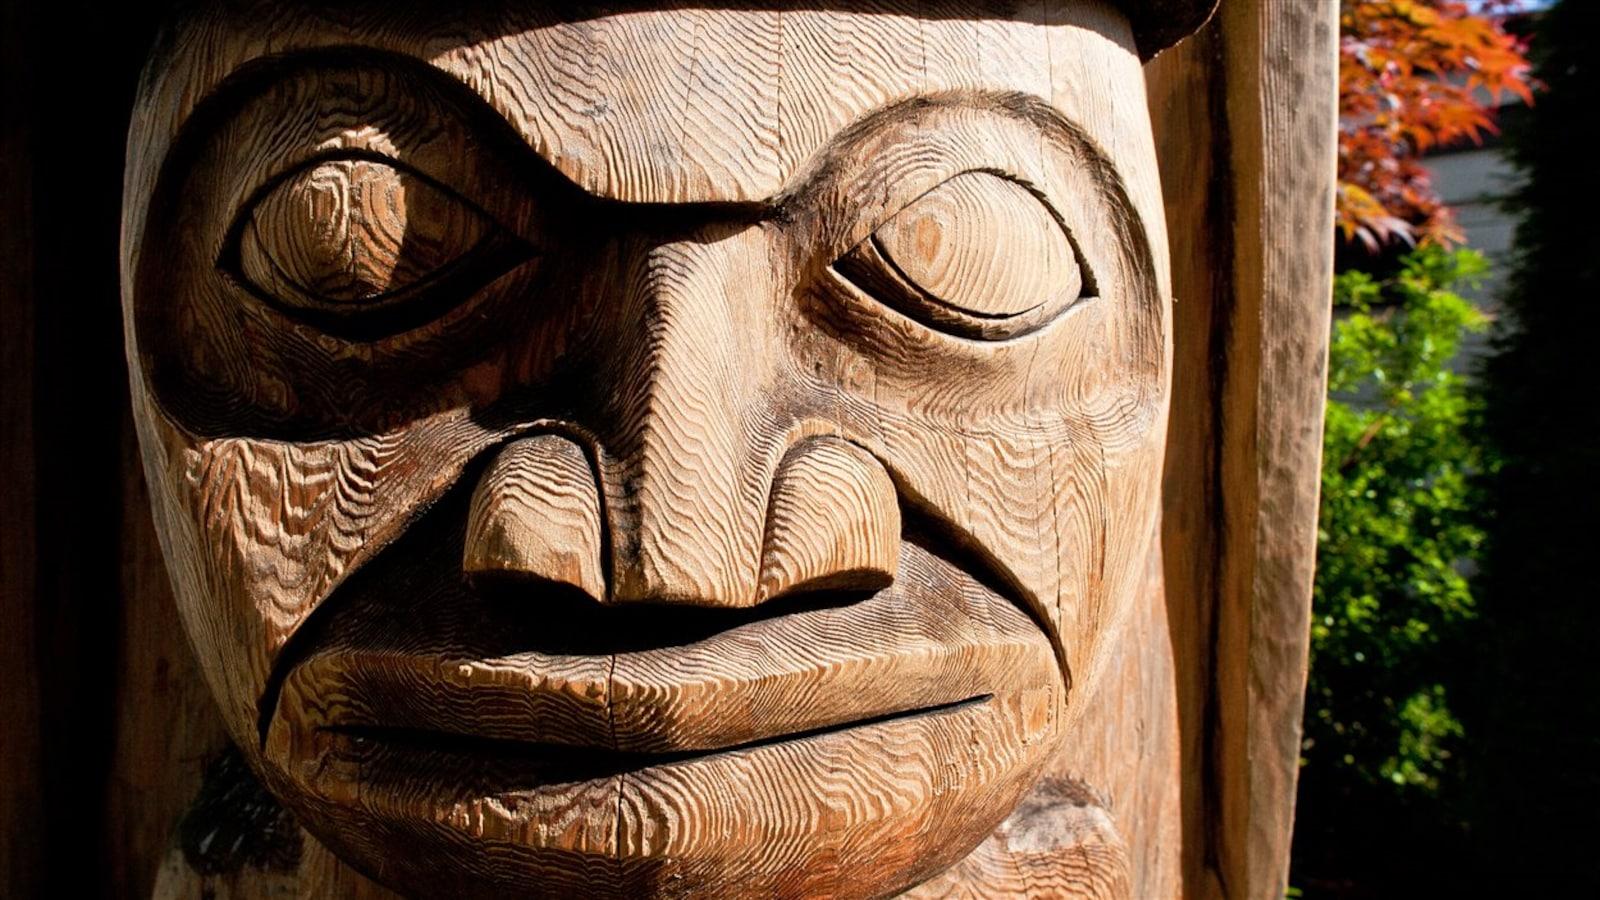 Un totem de la communauté Sts'ailes, au nord de Vancouver